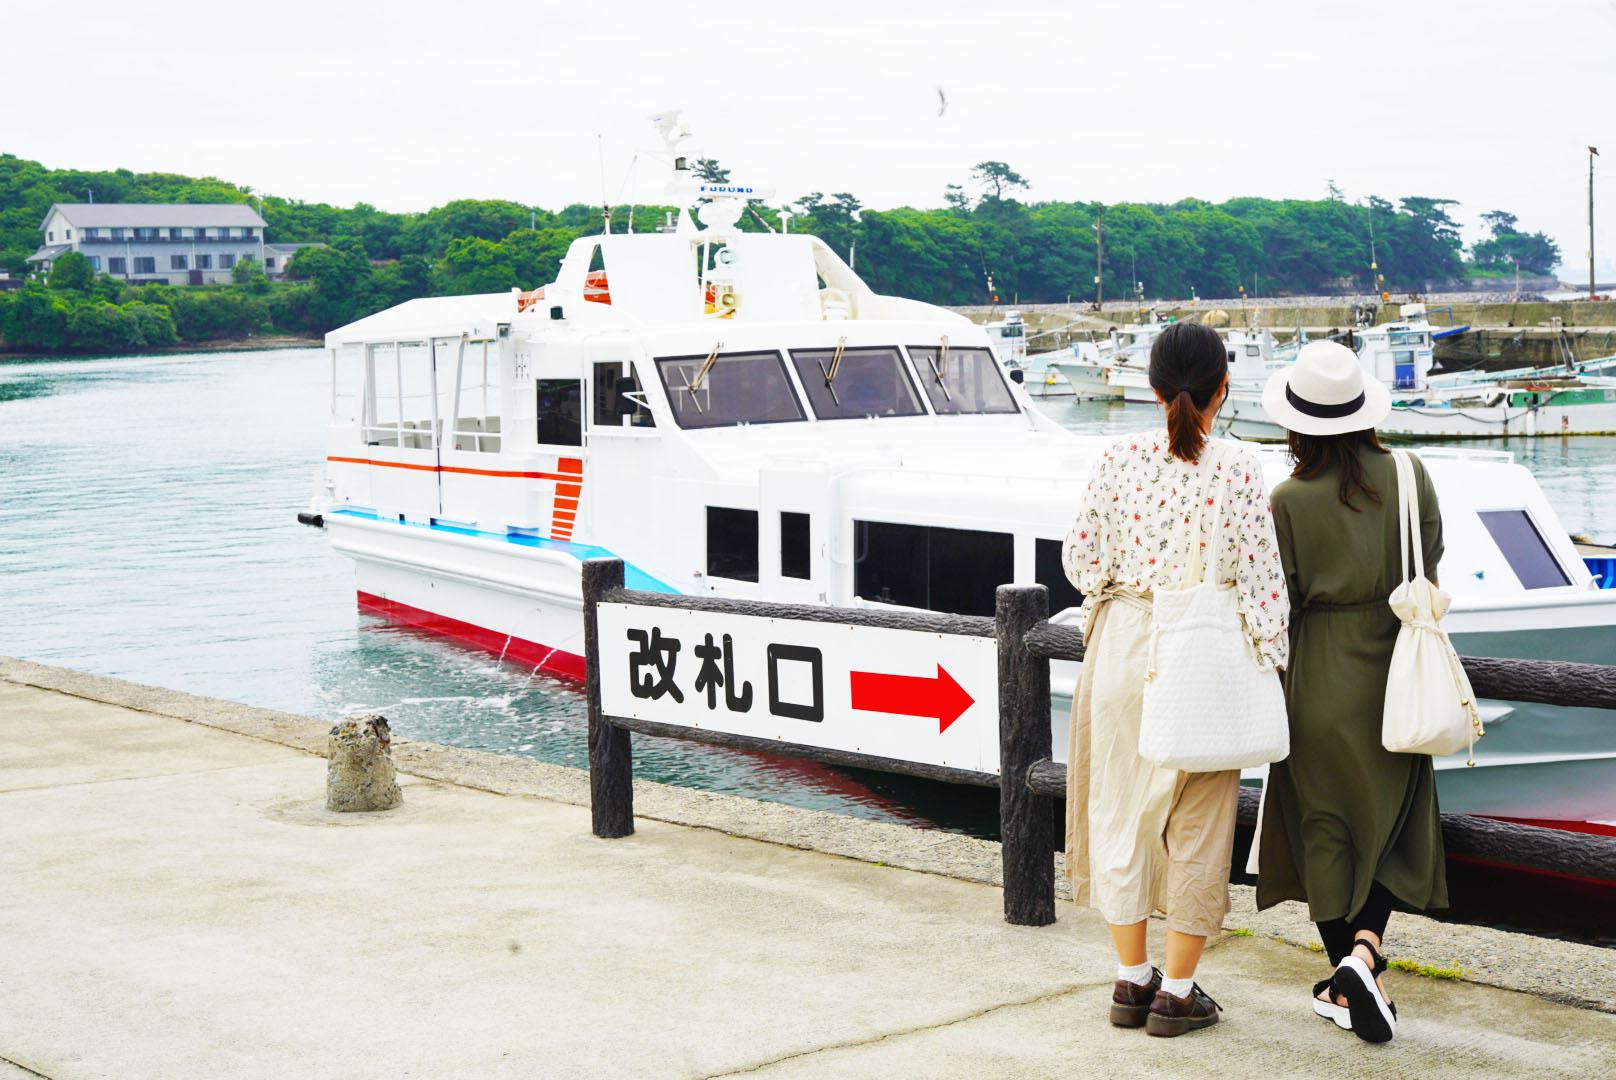 海の絶景を満喫!〜アートの島「佐久島」でインスタ映えスポットを巡る旅(前編)〜 - LRG DSC08061 1